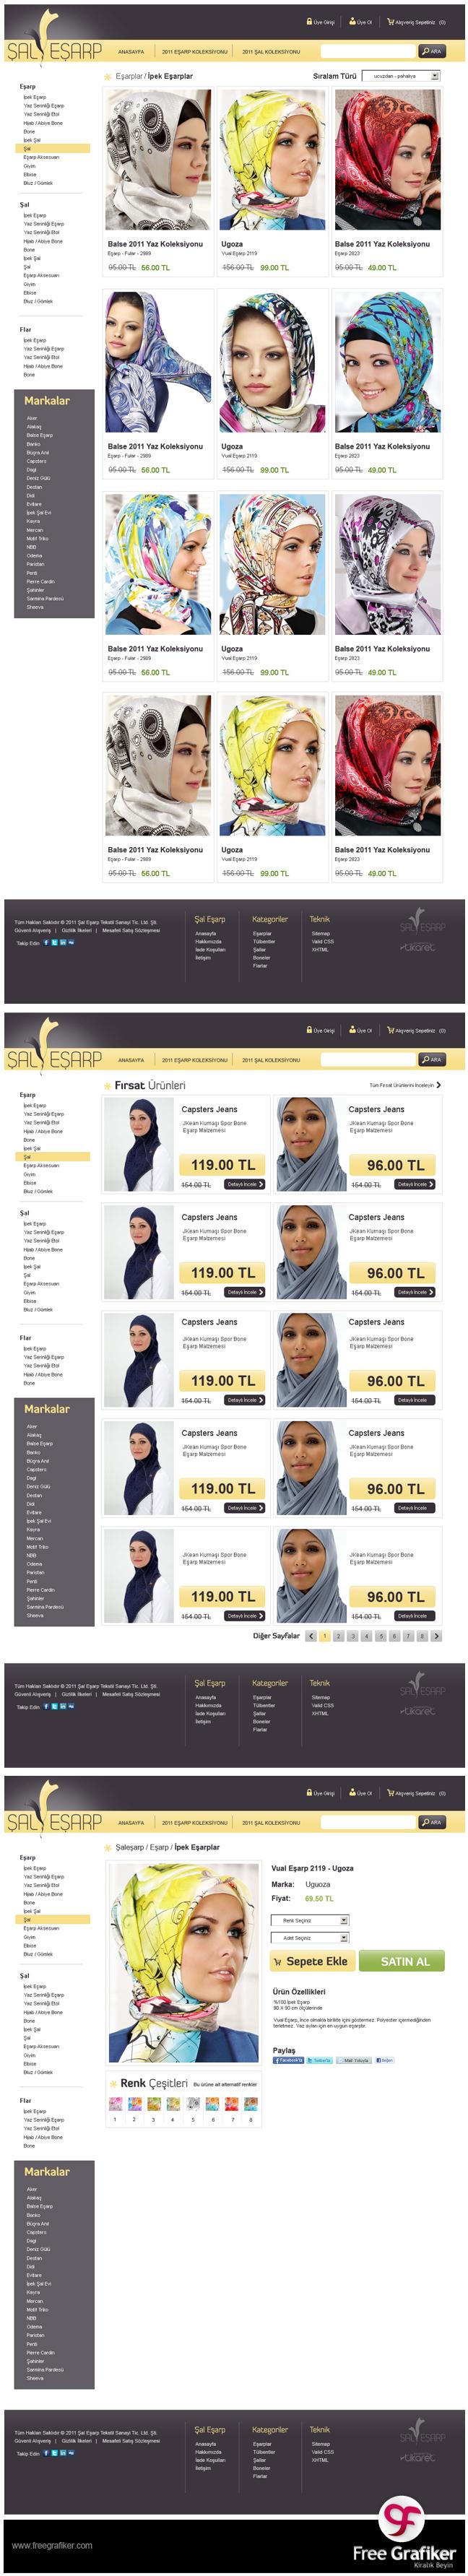 Şal Eşarp E Ticaret Sitesi Tasarımı Alt Sayfalar